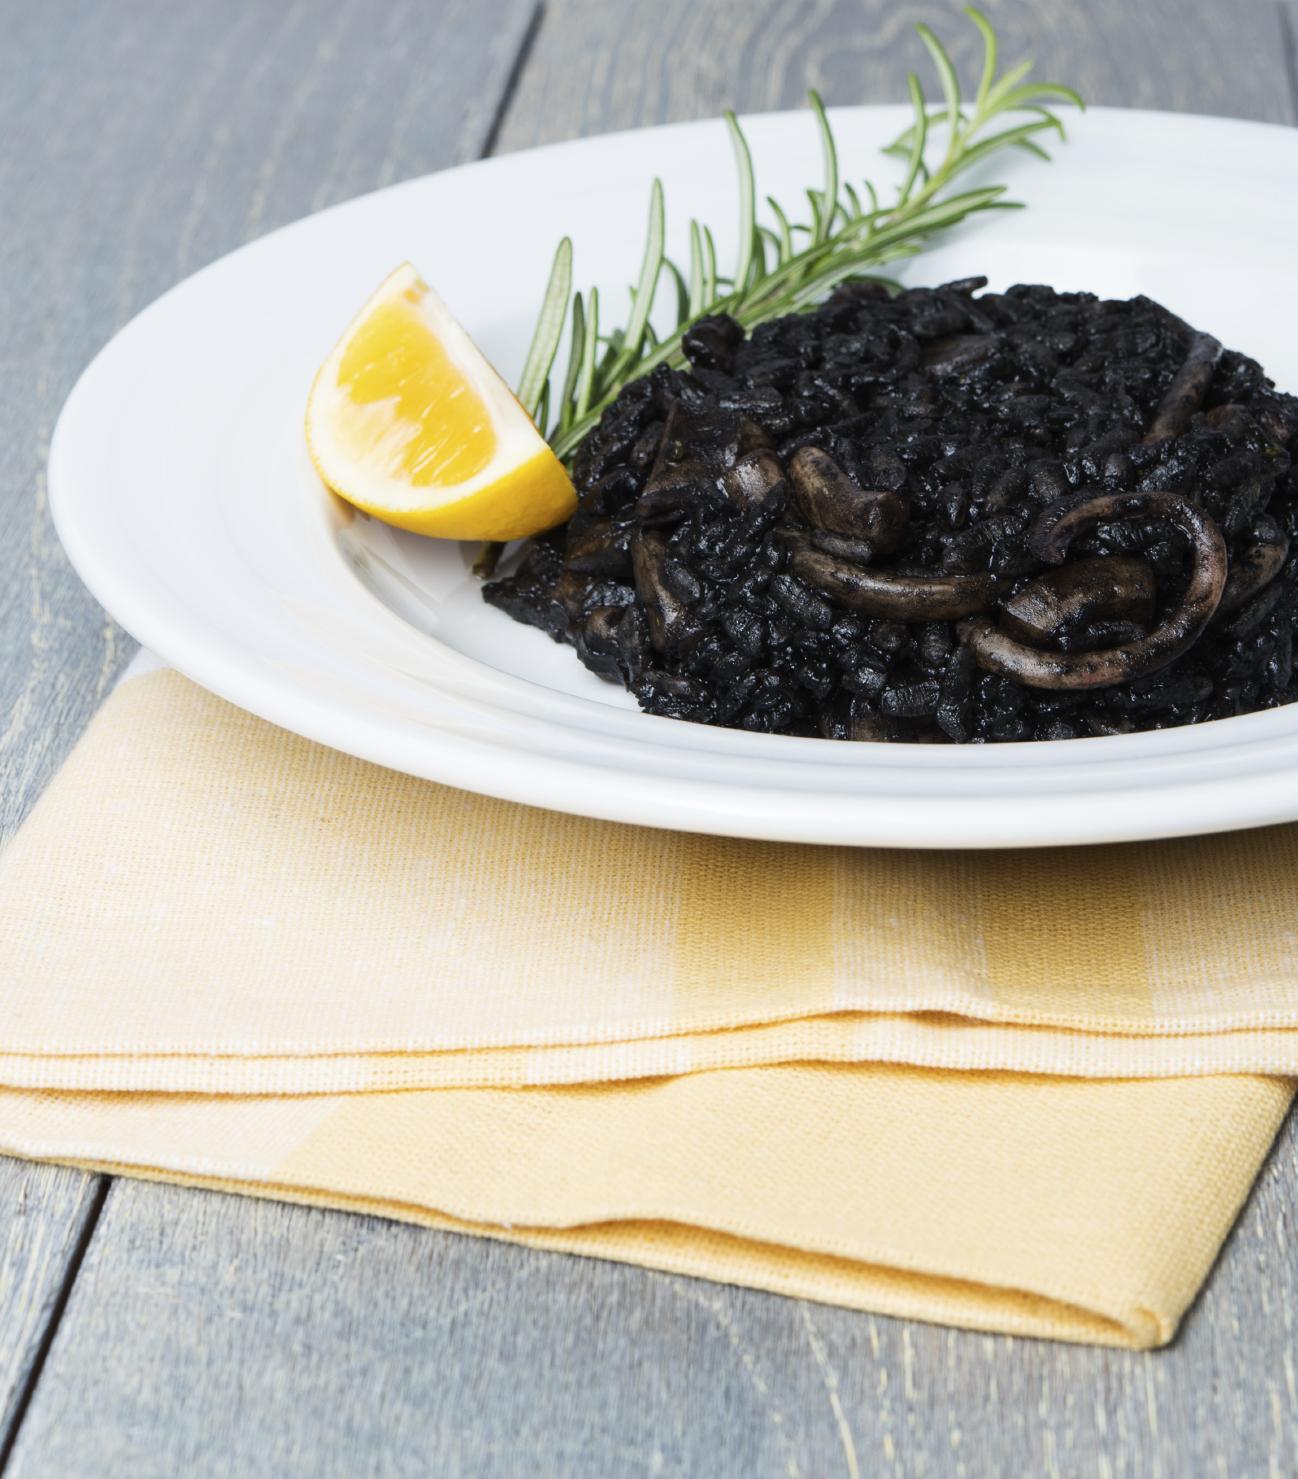 Arroz negro con calamares o chipirónes